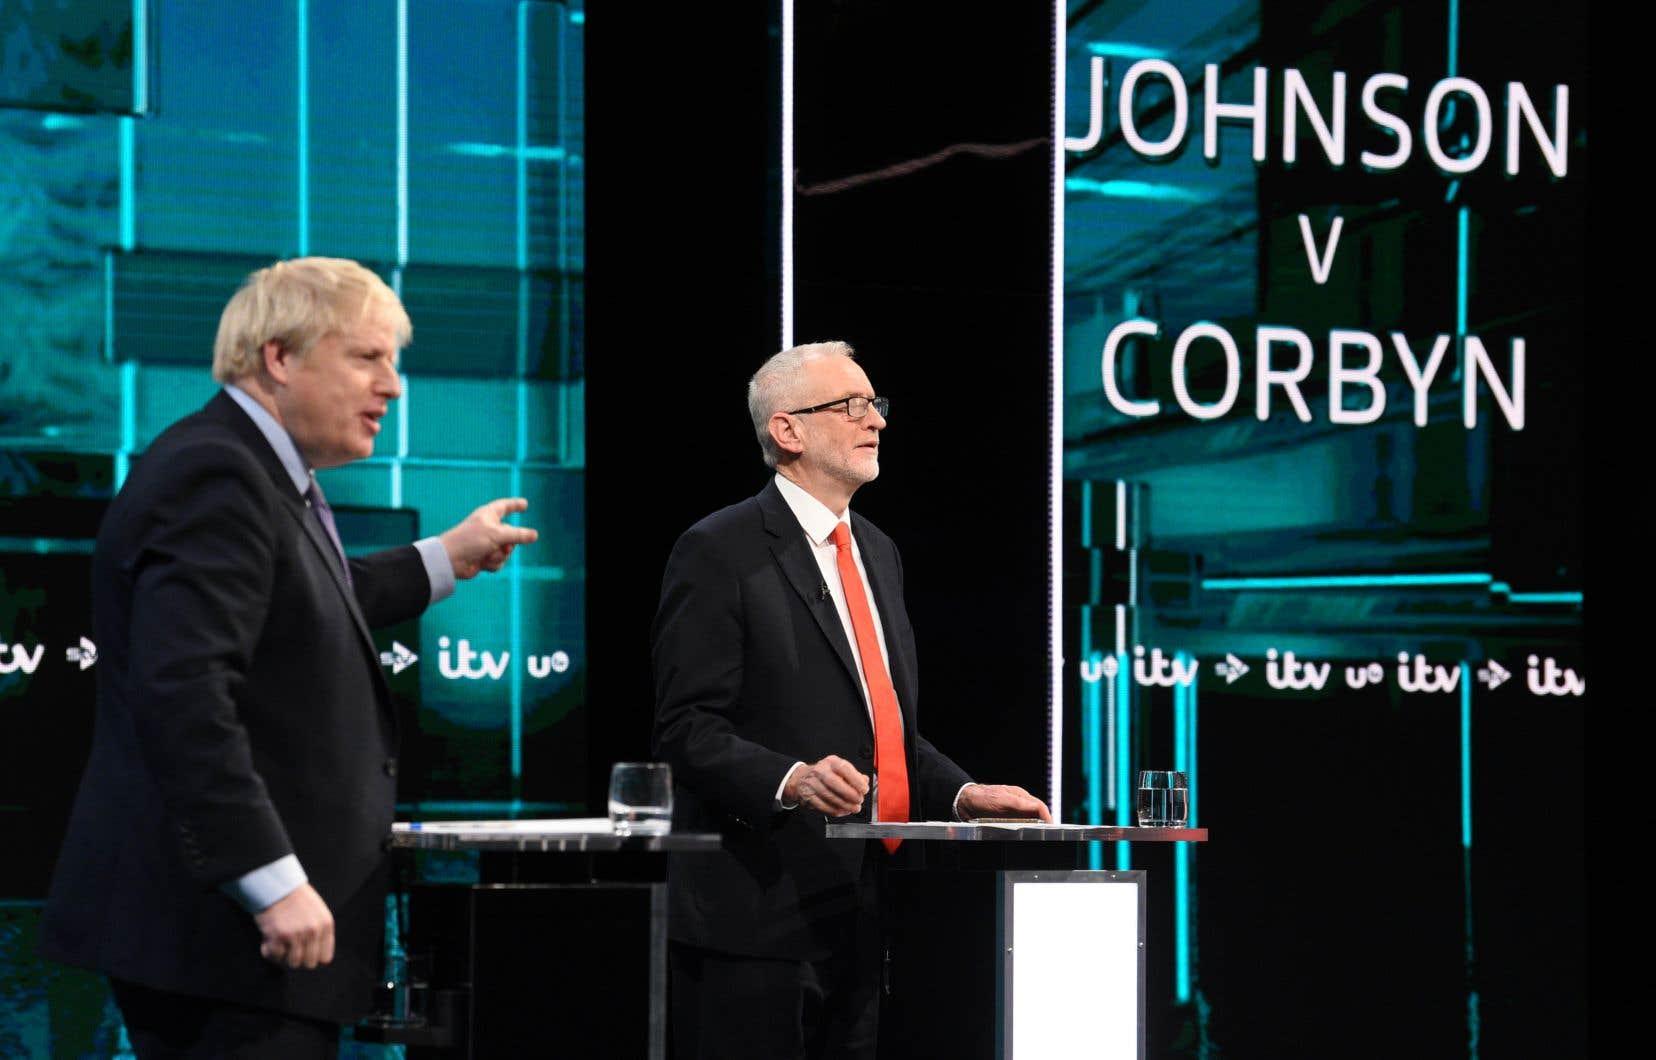 Boris Johnson et Jeremy Corbyn espèrant grappiller quelques voix avant les législatives du 12décembre.